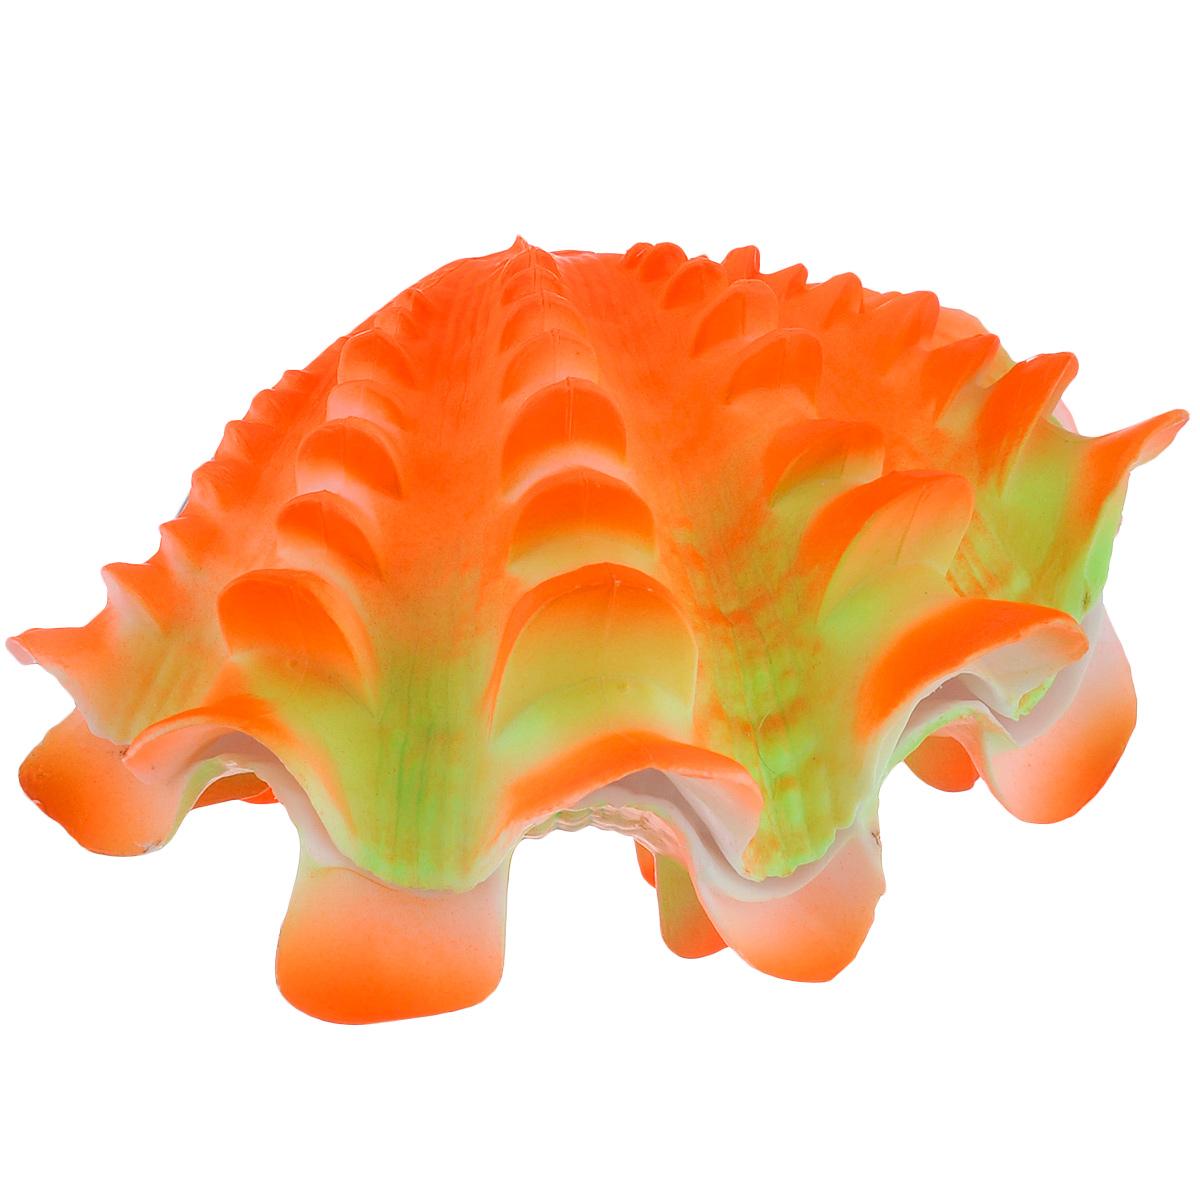 Распылитель декоративный Penn-Plax Жемчужница, цвет: ярко-оранжевый0120710Декоративный распылитель Penn-Plax Жемчужница выполнен из высококачественного прочного пластика. Вместе с основной функцией распыления воздуха, изделие является эффектным элементом декорирования аквариума.